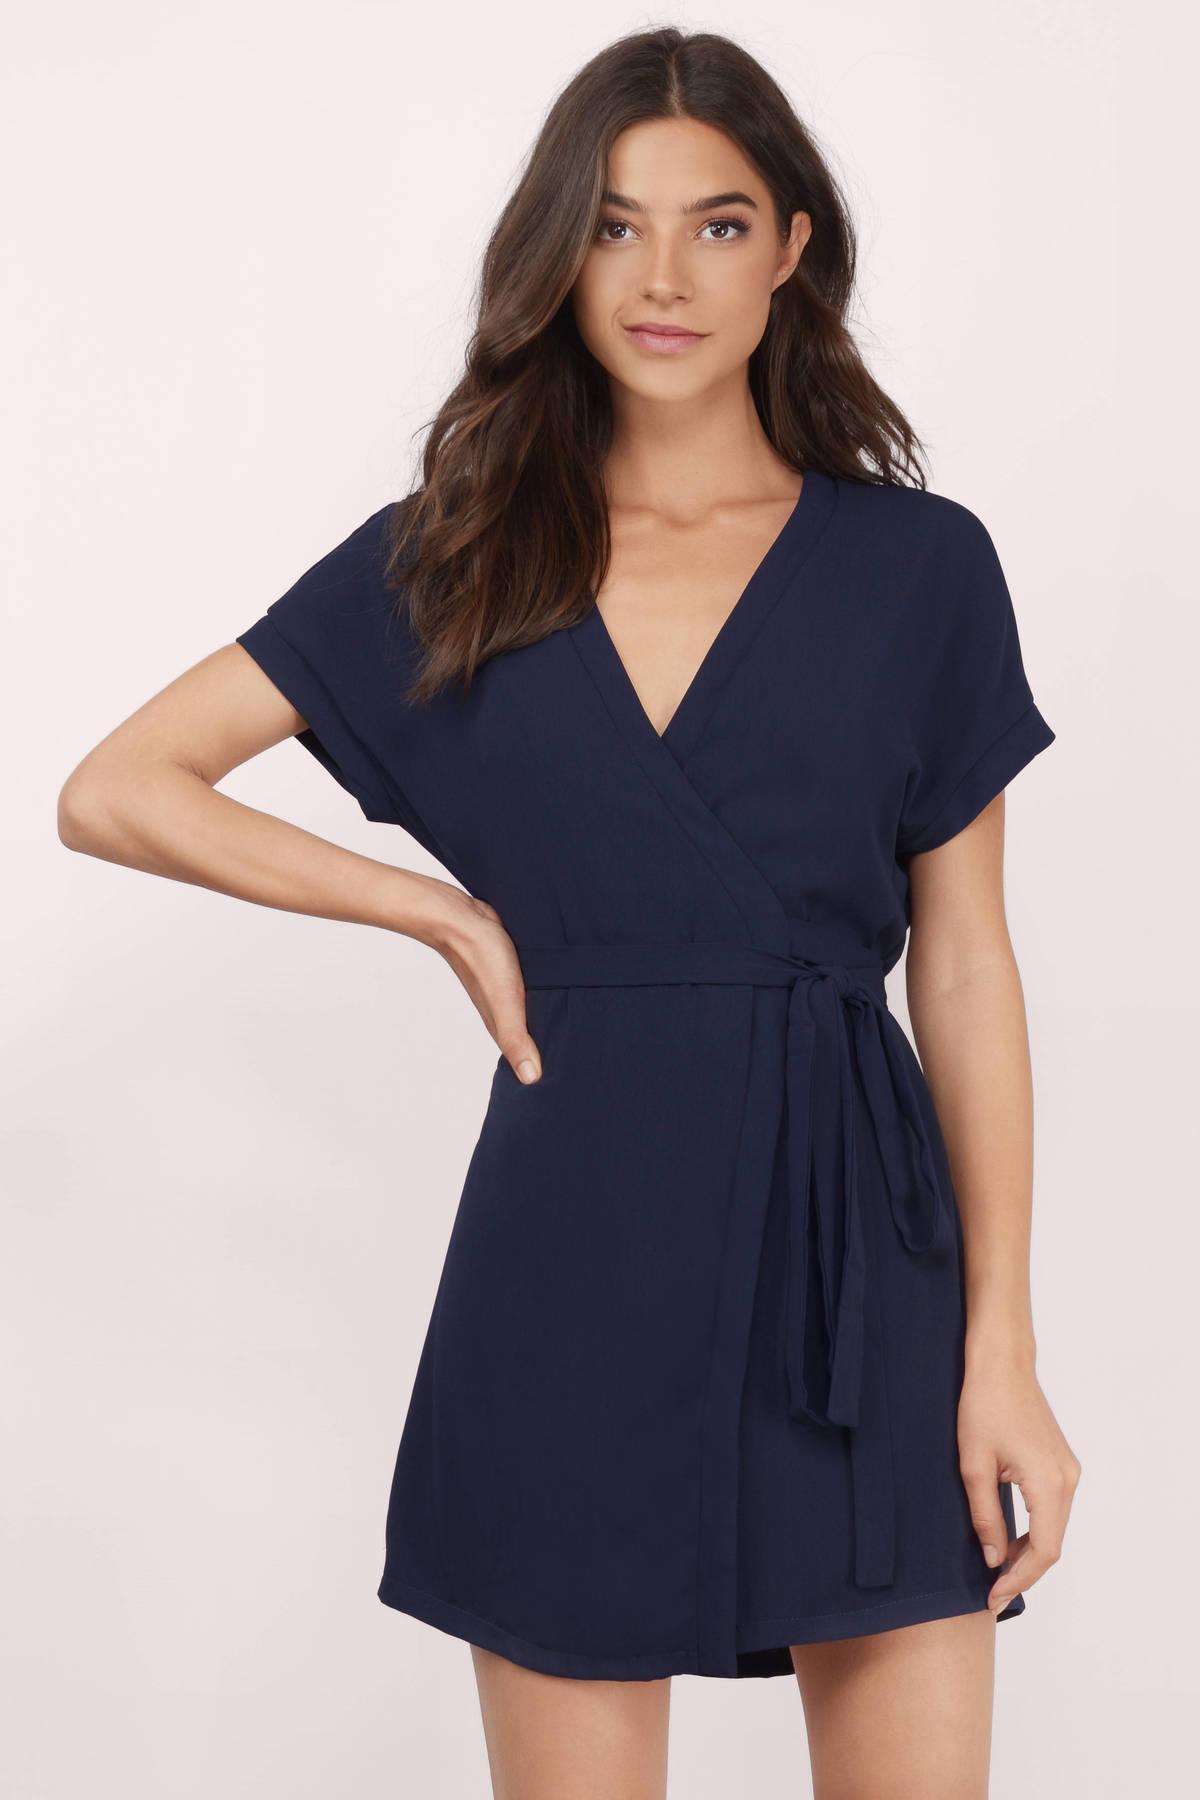 Cute Toast Wrap Dress - Beige Dress - Surplice Dress - $68.00